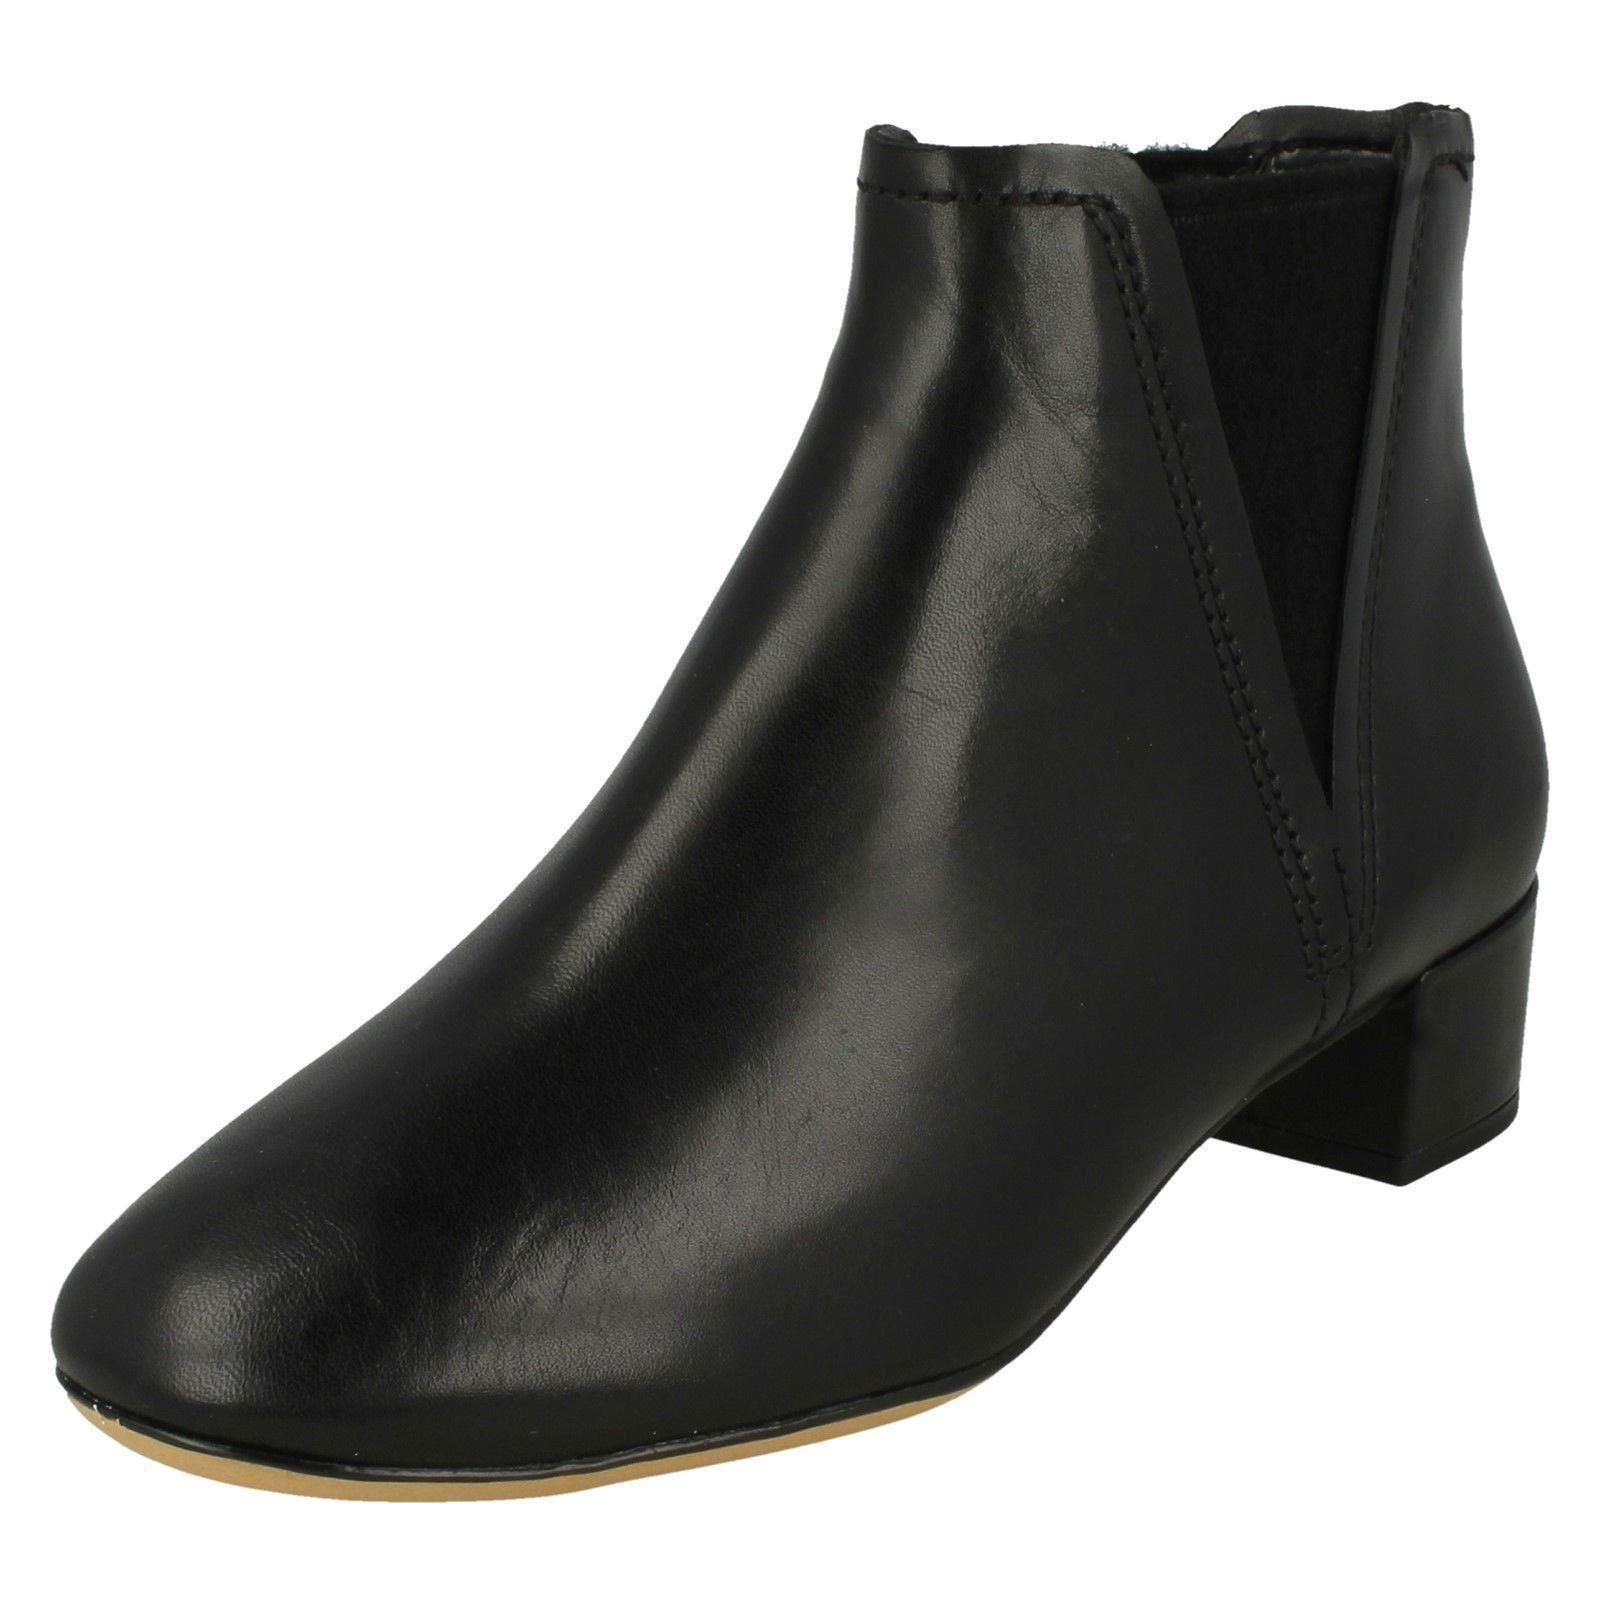 Damen Clarks Wildleder Niedriger Absatz Orabella Smart Stiefeletten Schuhe Größe Orabella Absatz 2a9955